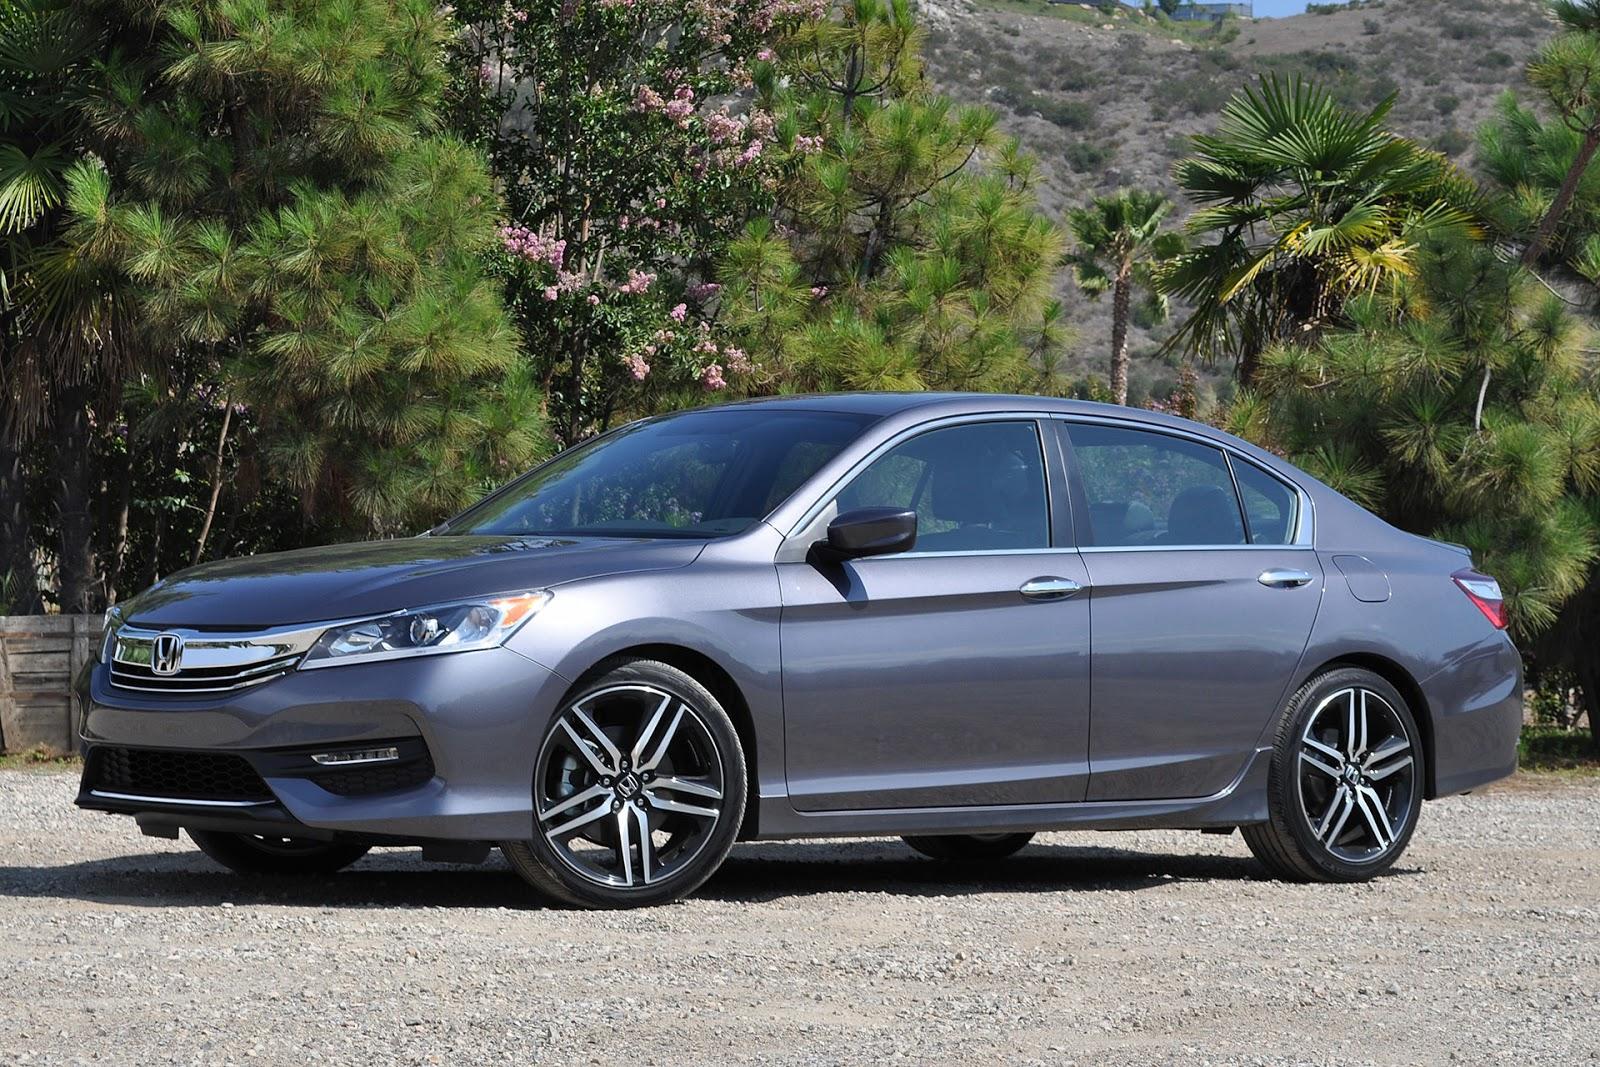 Honda Accord 2016 đã có nhiều thay đổi ngoại hình, mạnh mẽ hơn